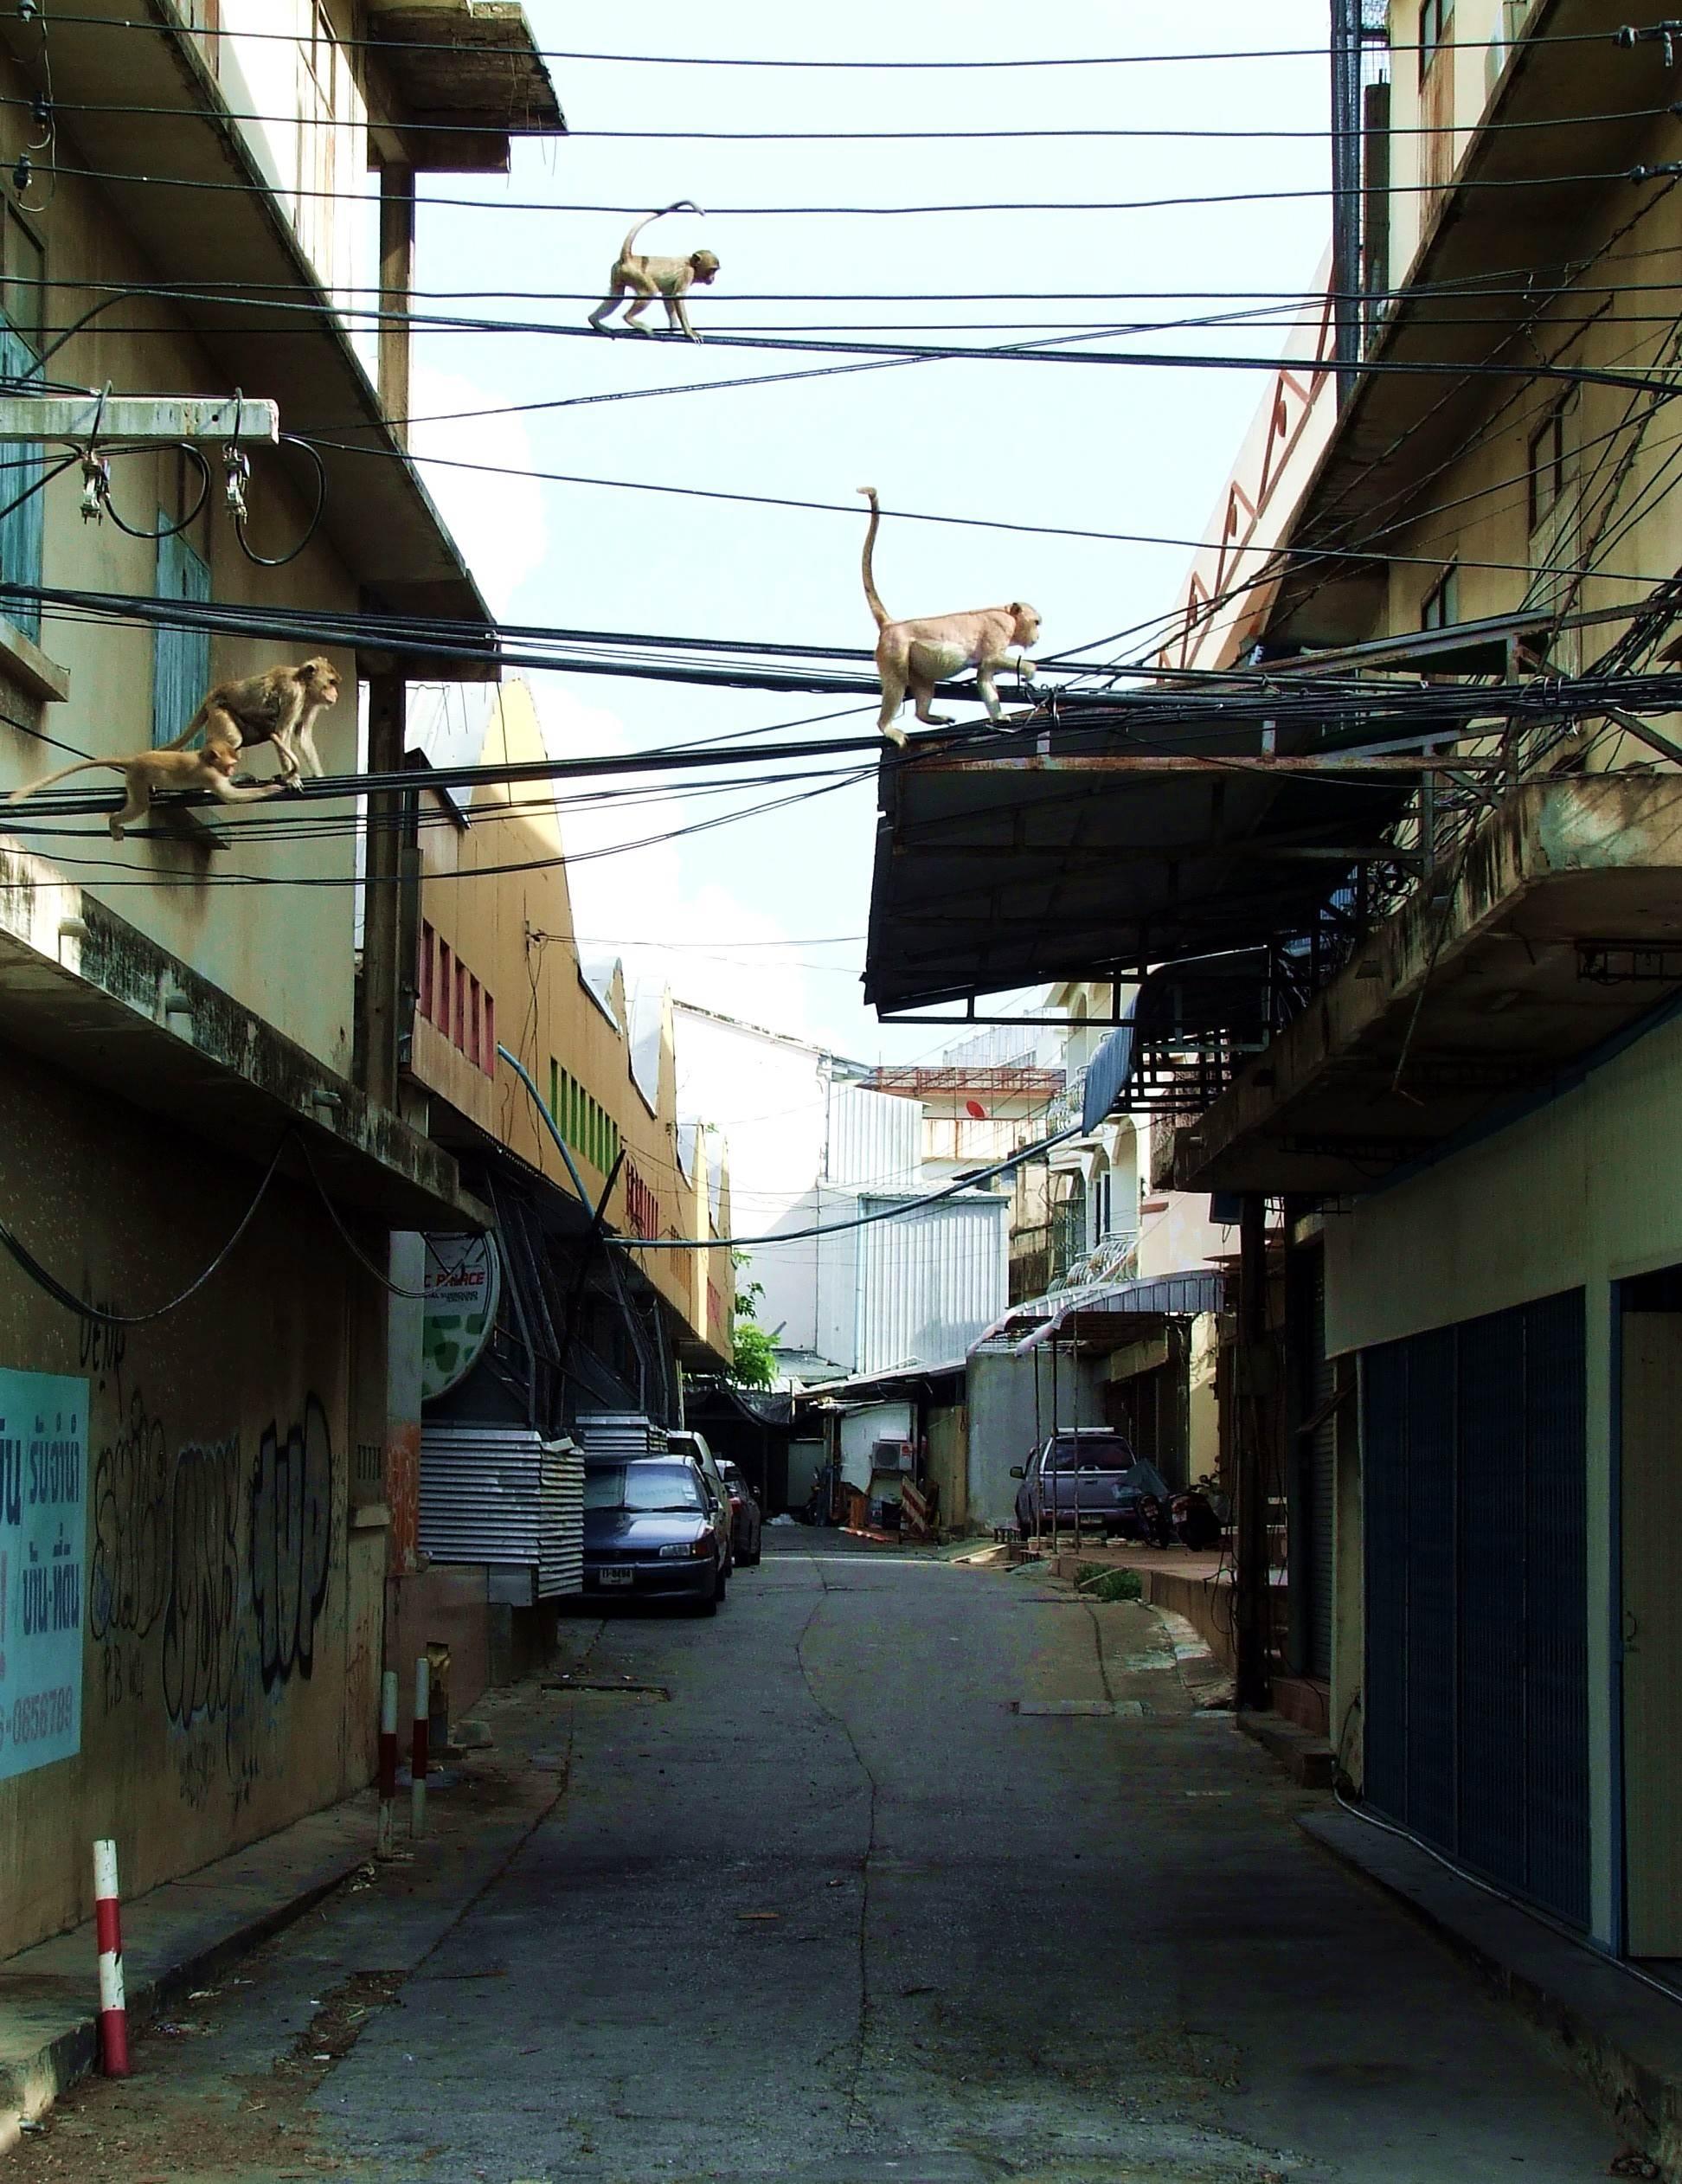 ulice lopburi opanowane przez małpy